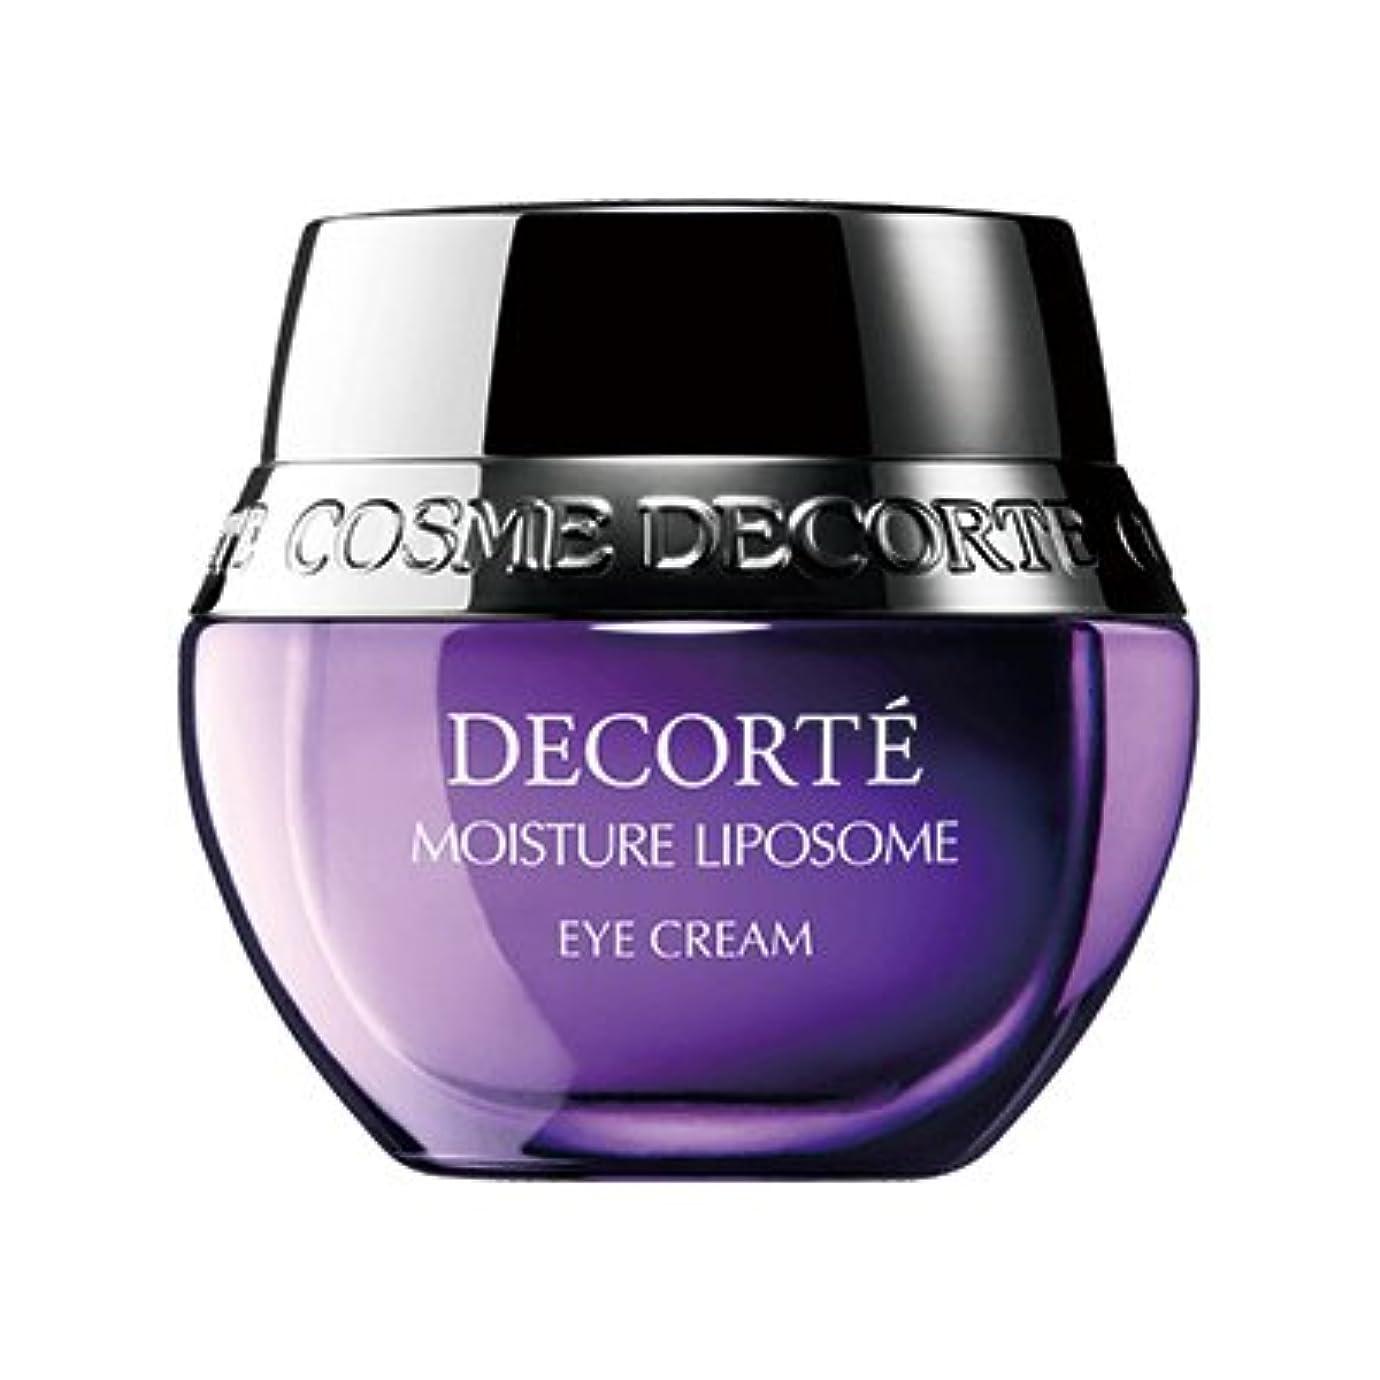 推測するケイ素解放COSME DECORTE コスメ デコルテ ML アイ クリーム 15ml [並行輸入品]